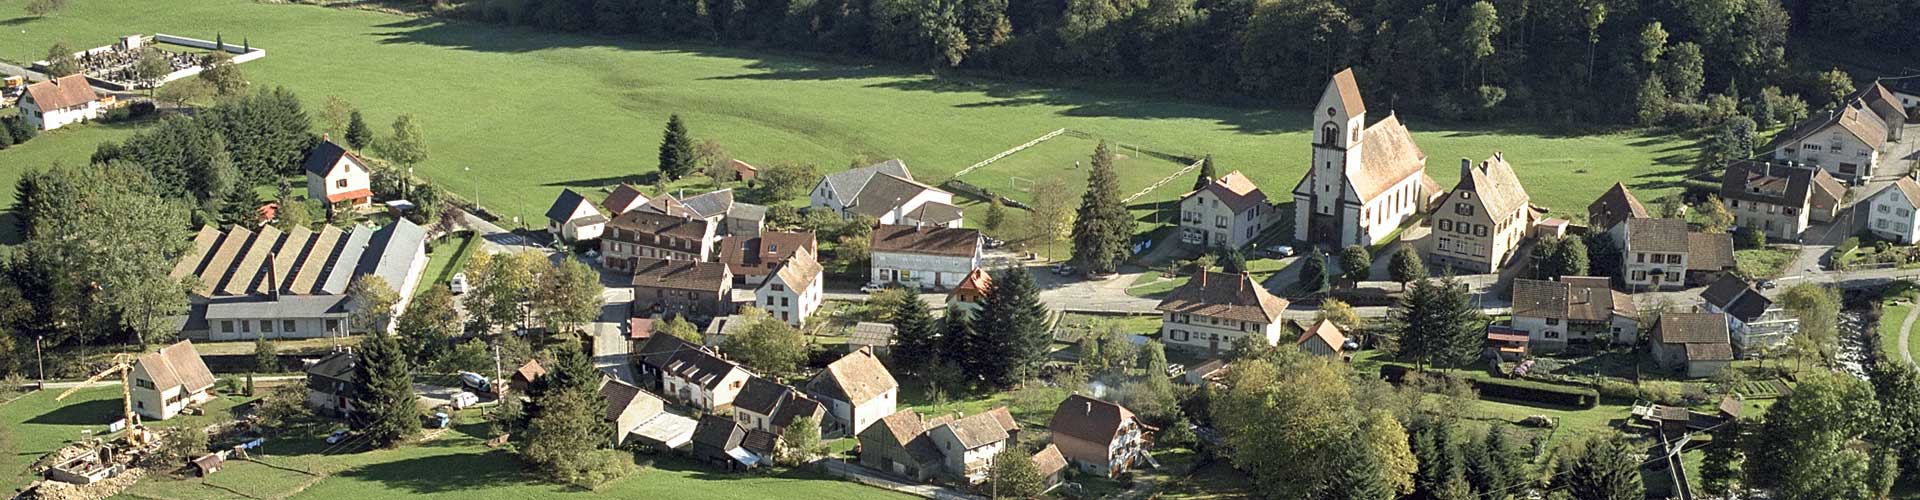 Les entreprises de la commune de Mittlach